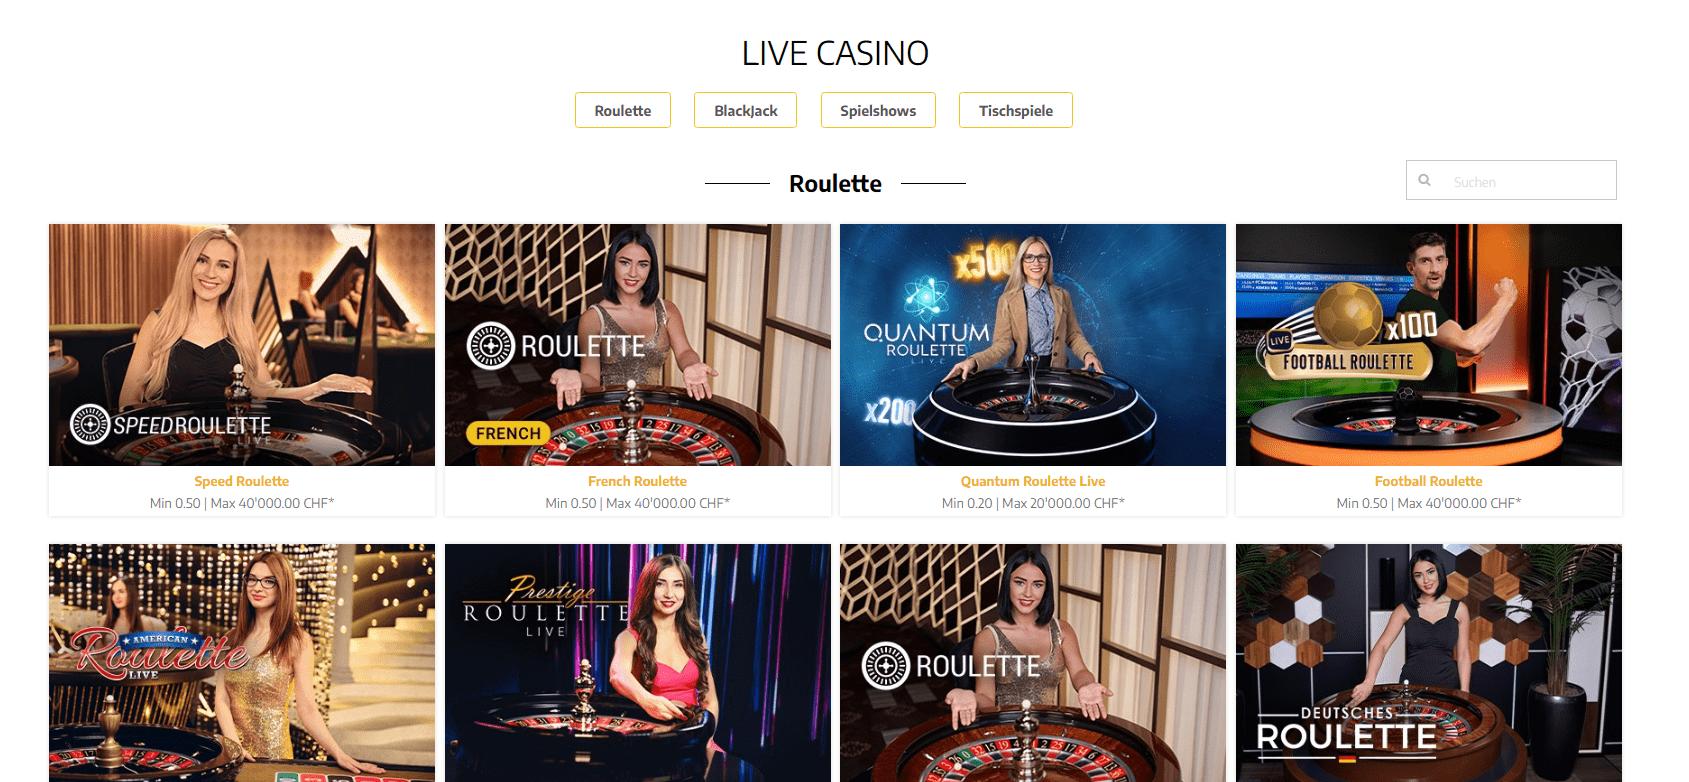 swiss4win live casino